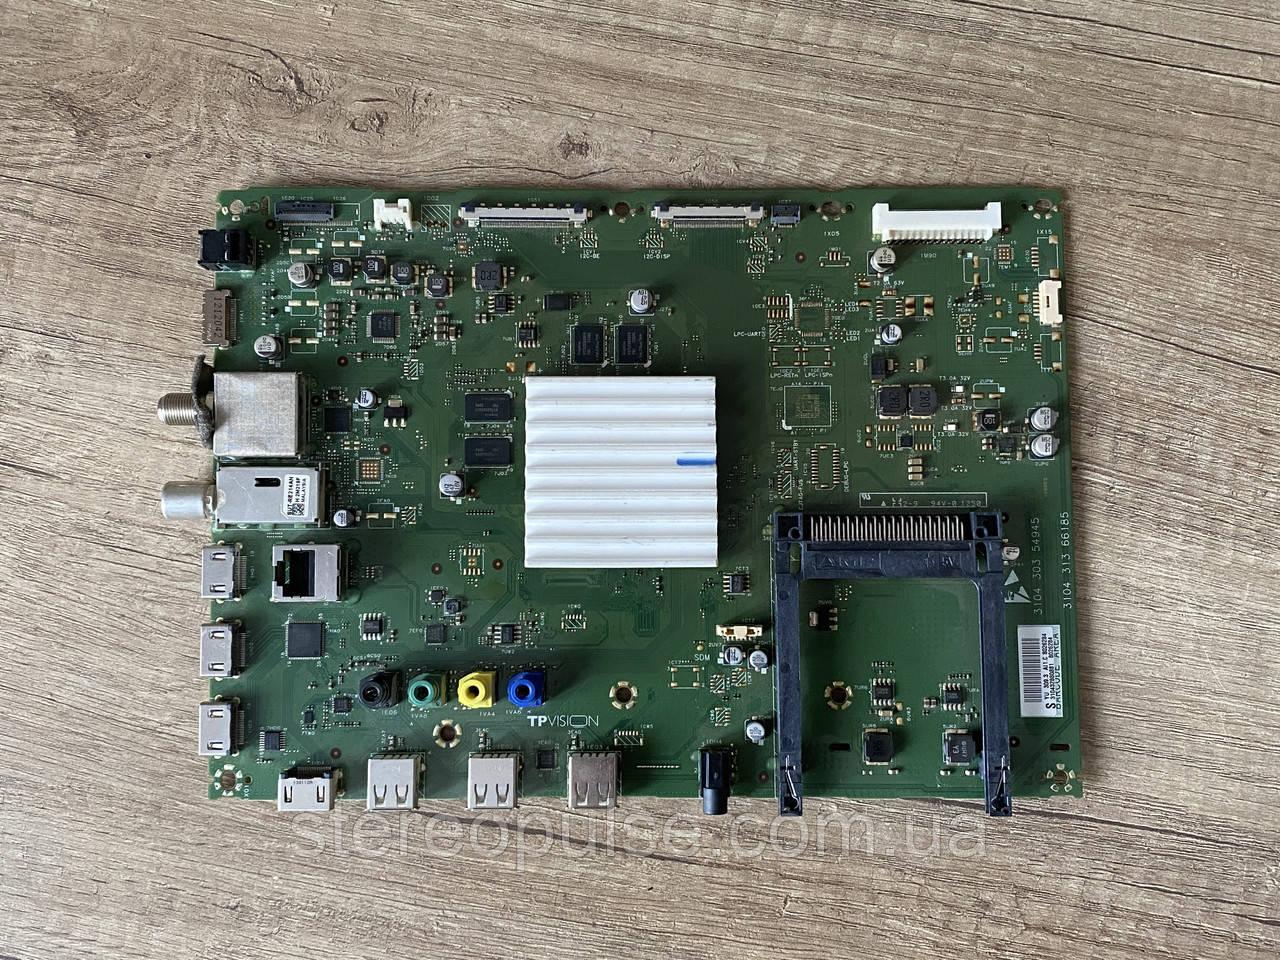 Main (материнська) плата QFU 1.2 E LA для телевізорів Philips PFL6XXX (3104 303 54945/ 3104 313 66185)